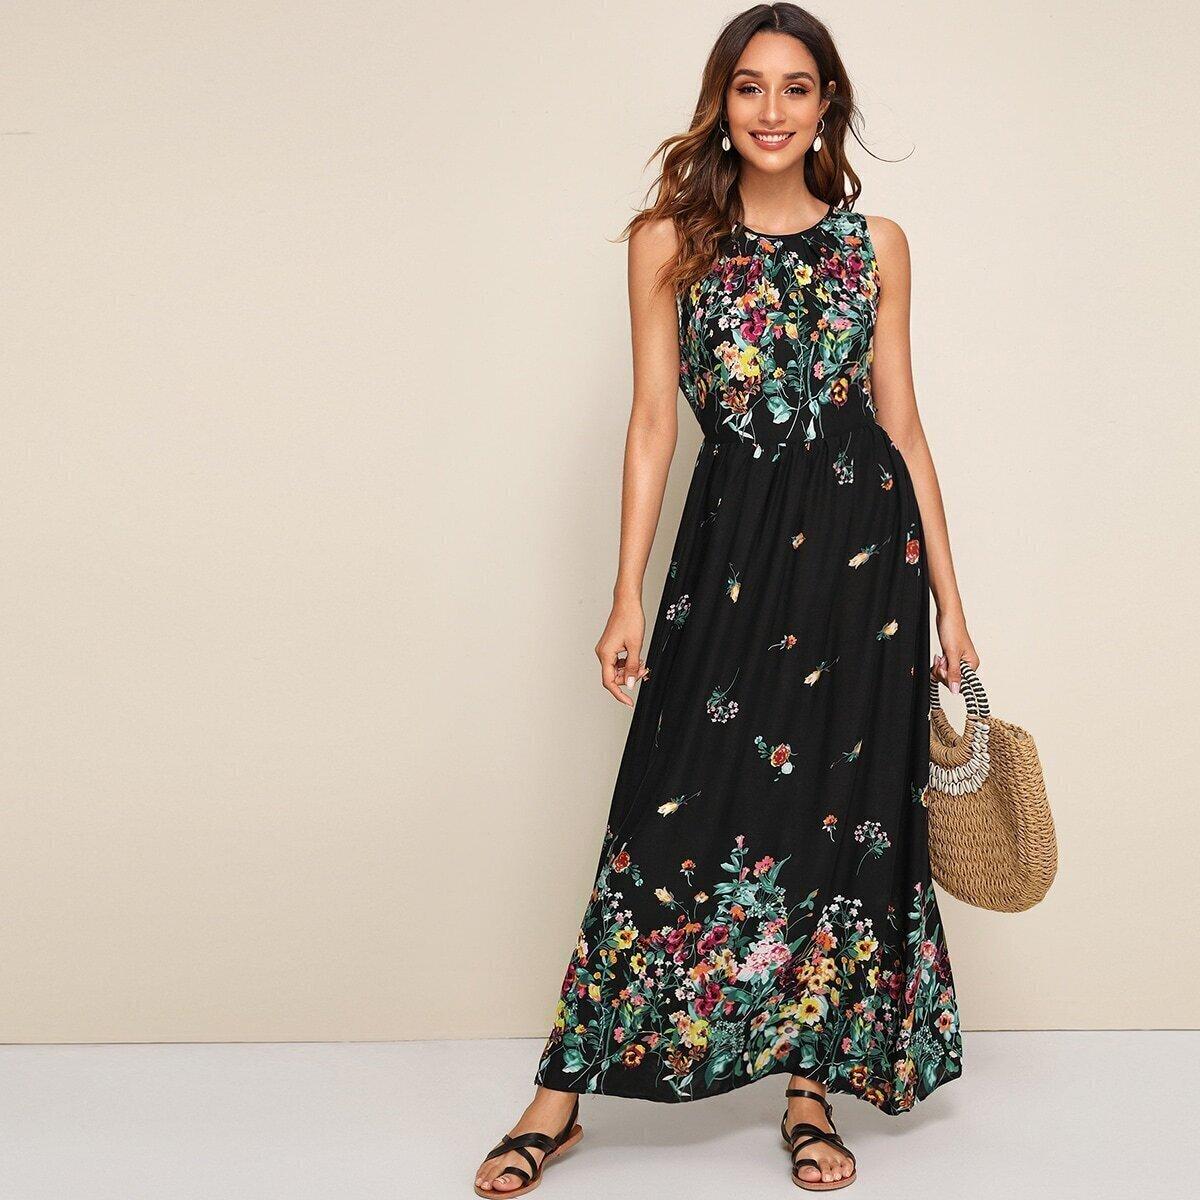 SHEIN / Kleid mit Band hinten und Blumen Muster